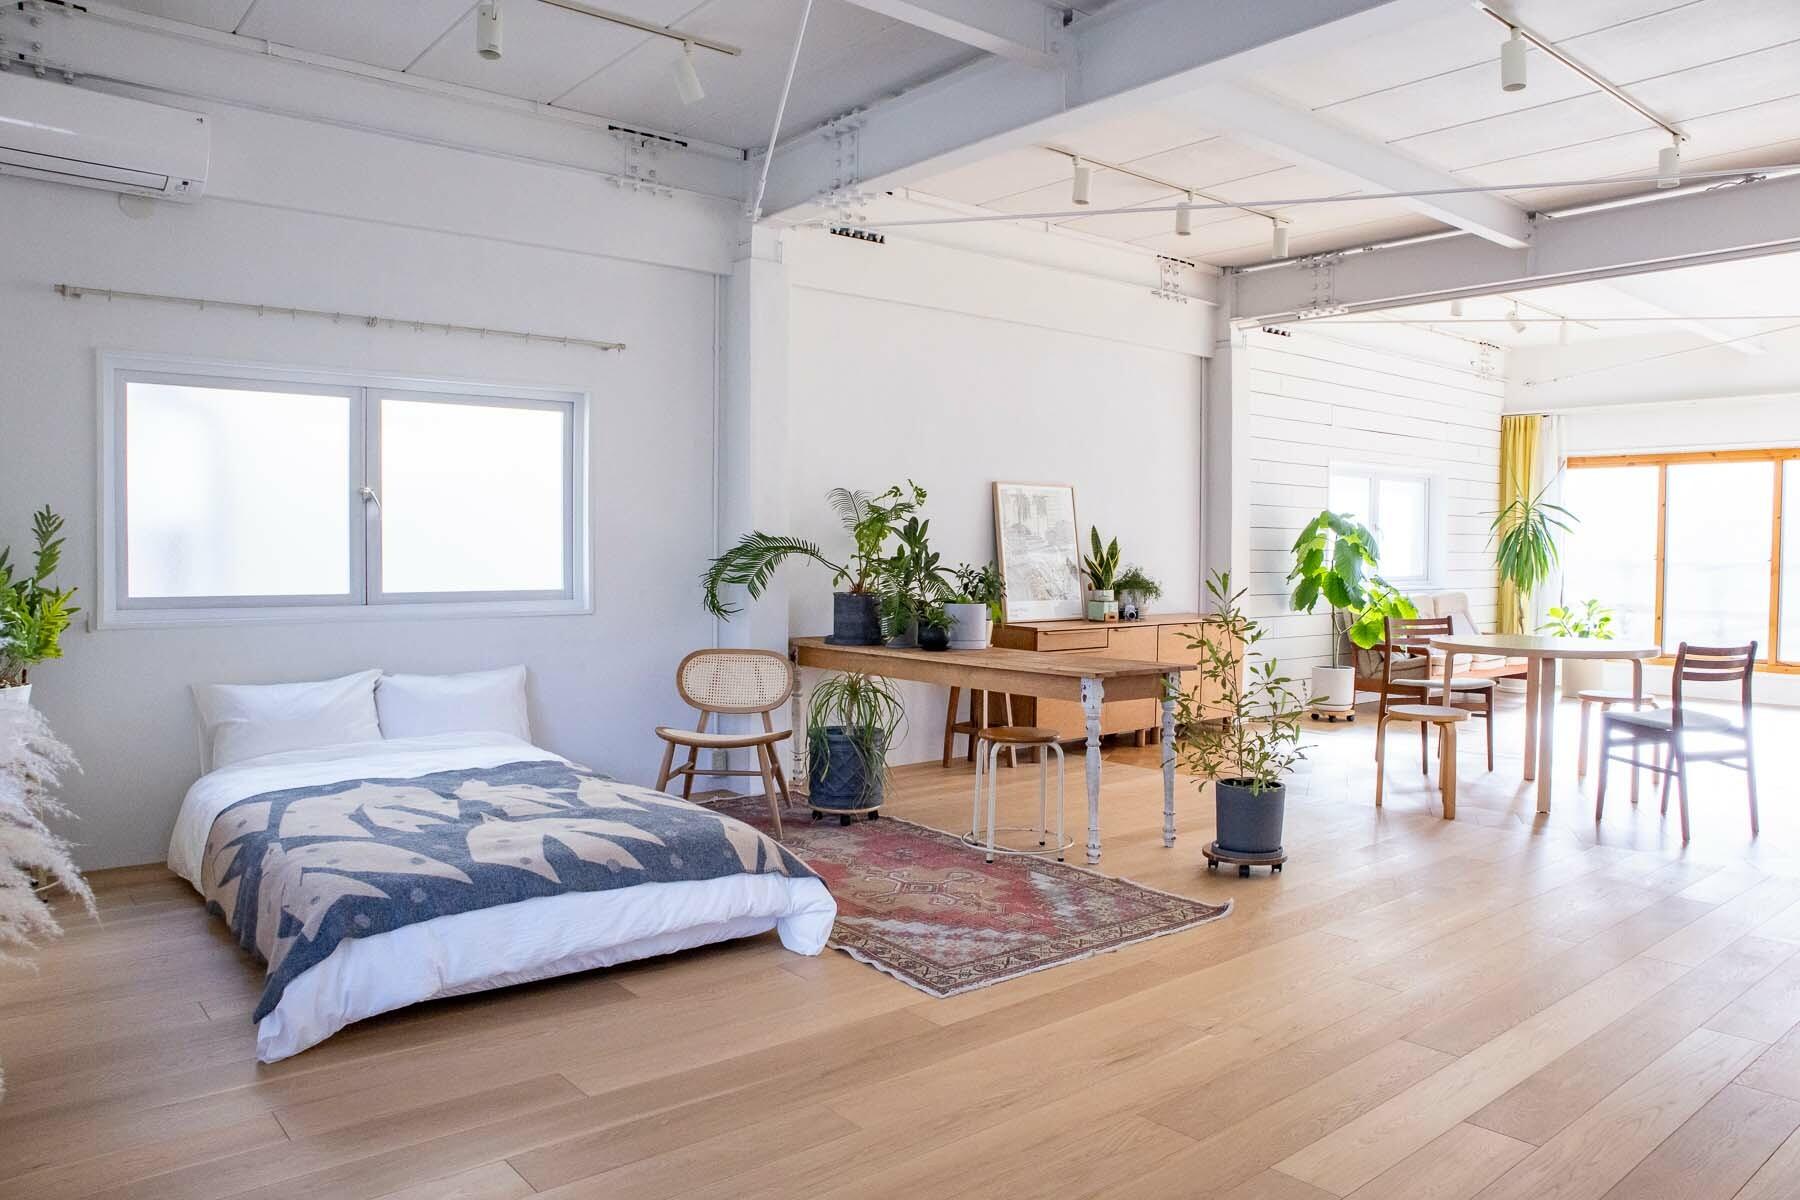 STUDIO RODAN(スタジオロダン) 2~3F2F 南側ベランダは大きく開く窓